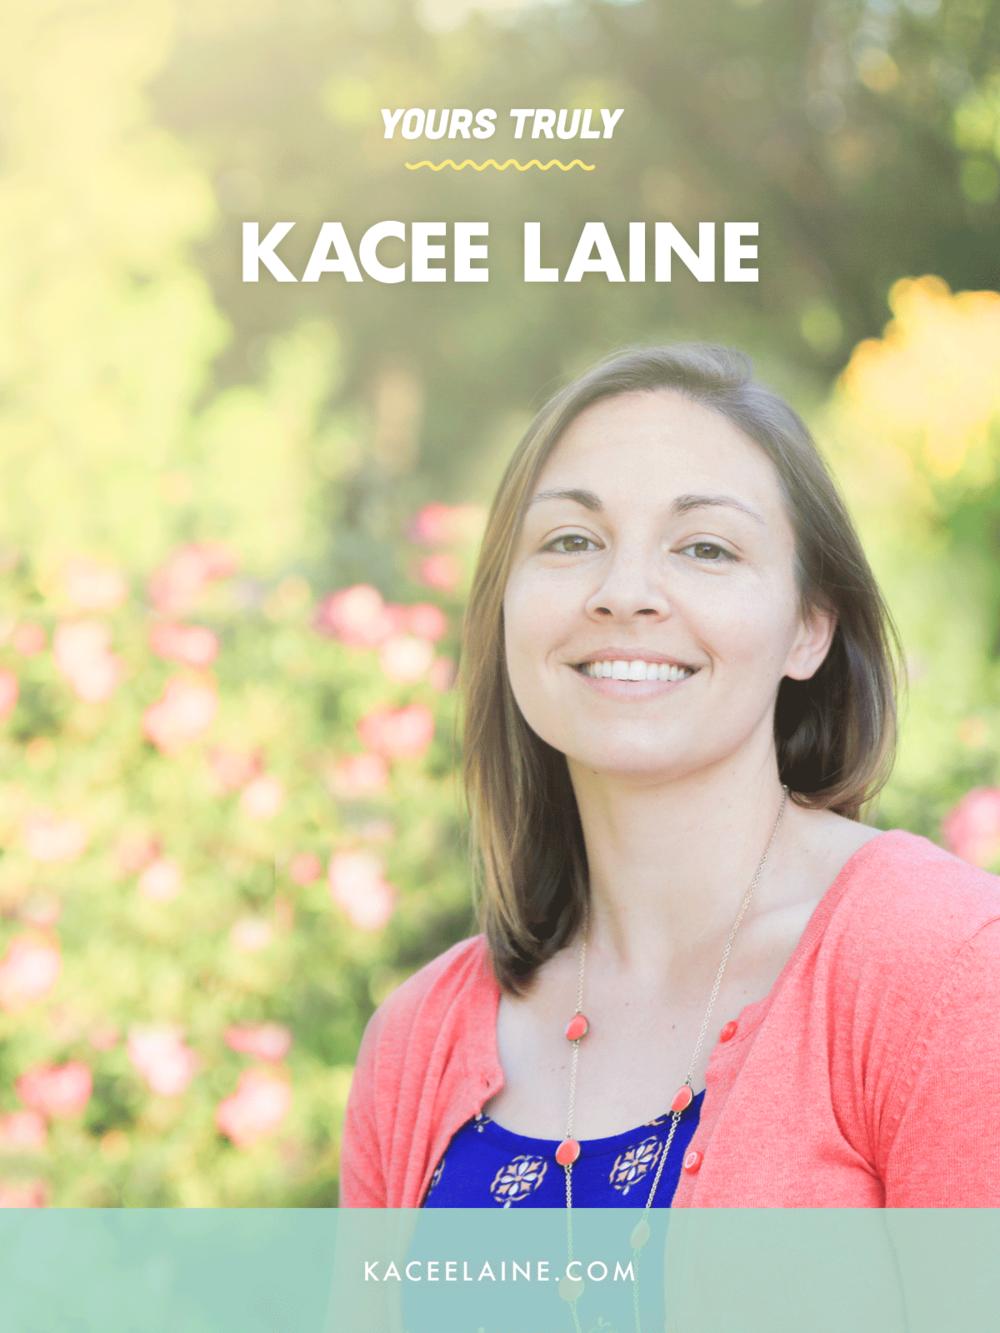 Kacee Laine, Creative Entrepreneur